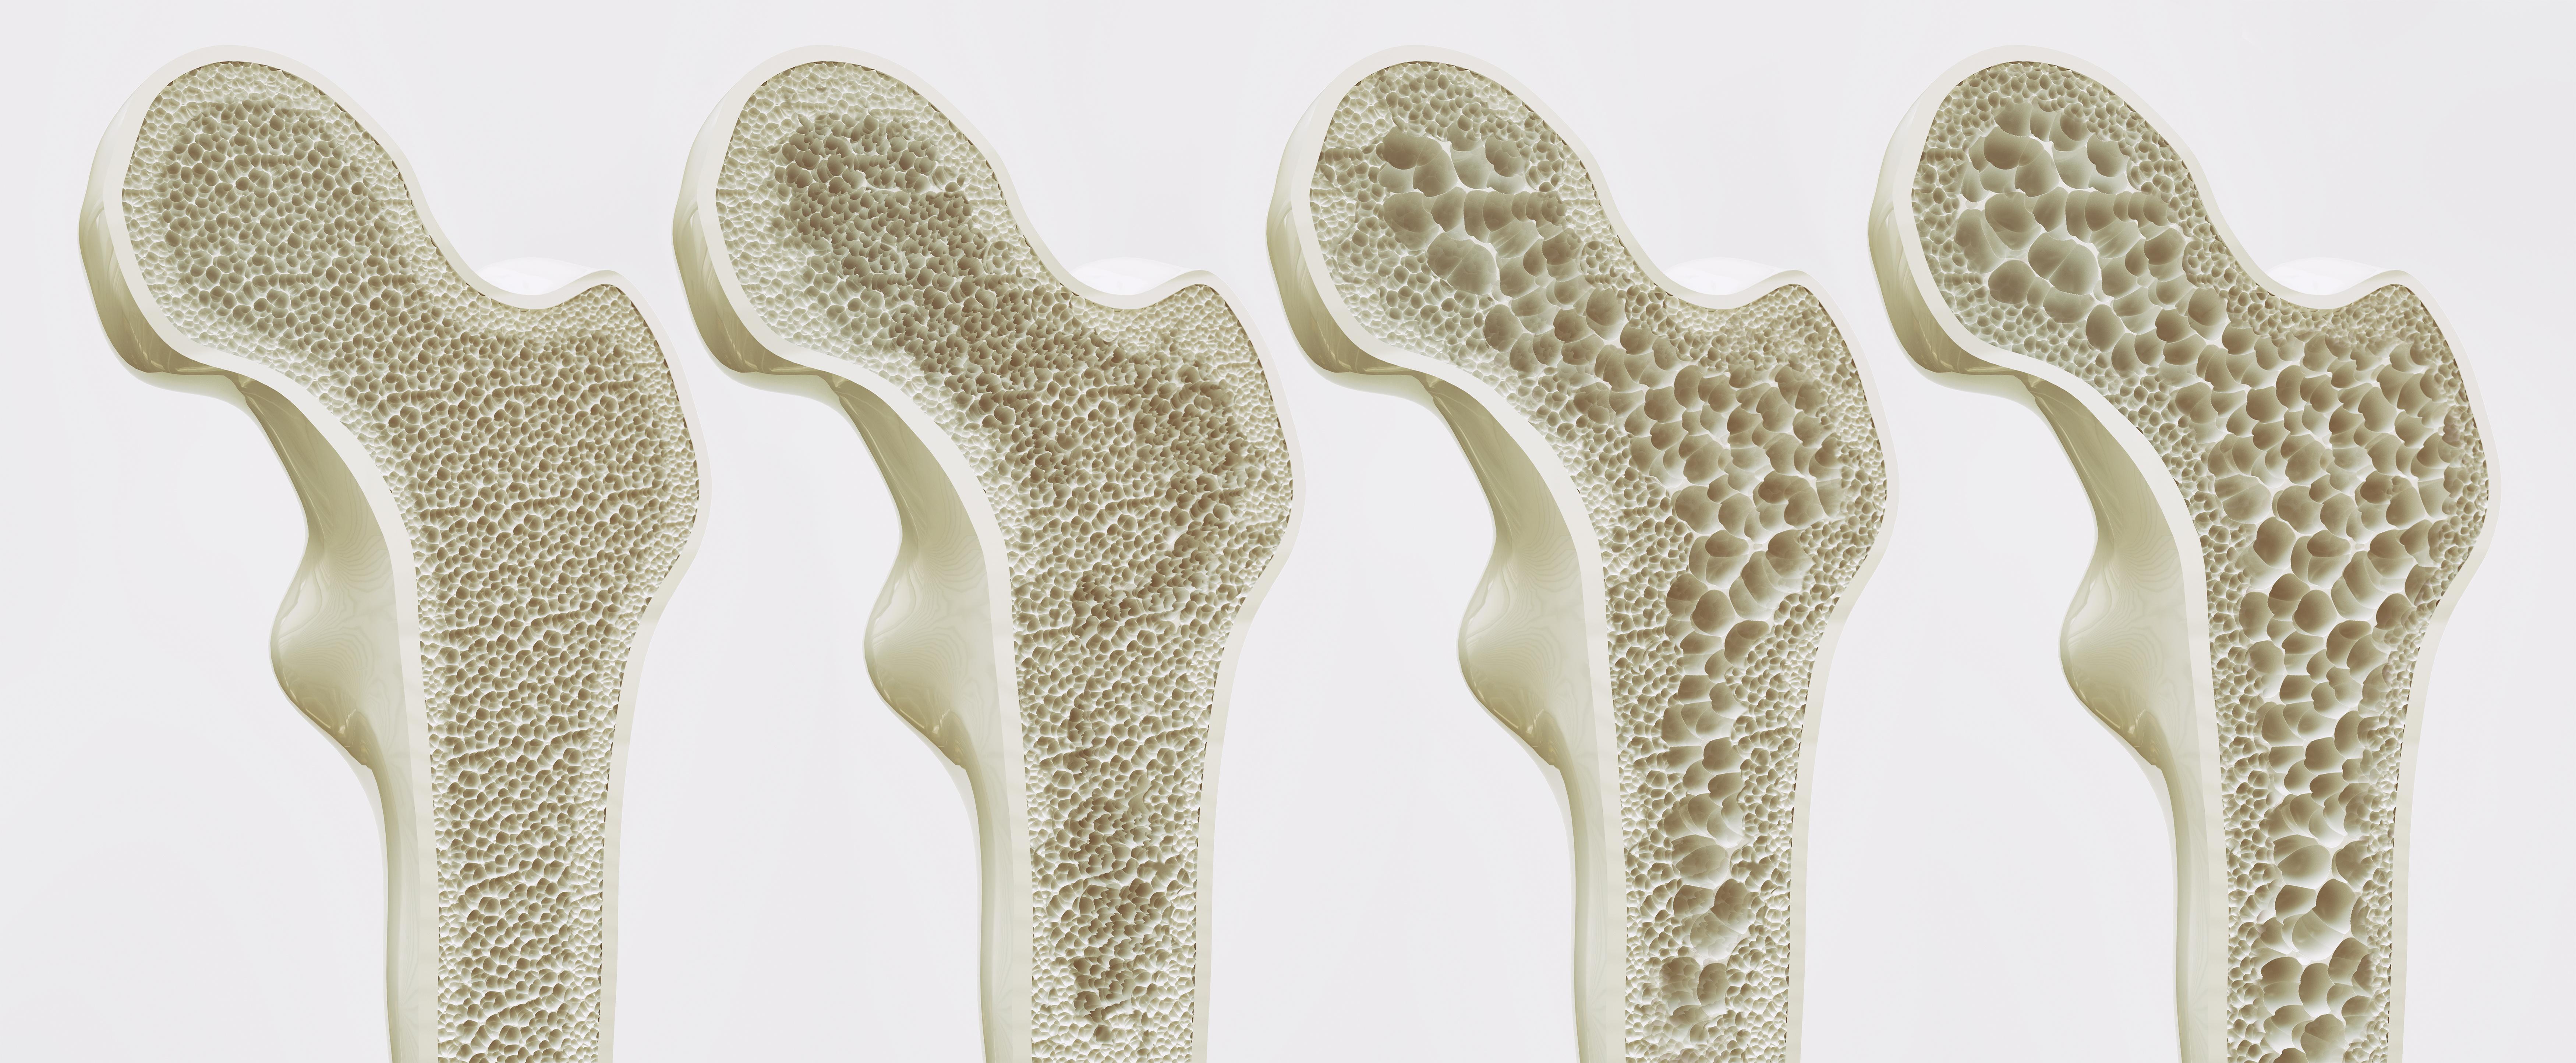 デイサービススタッフ・機能訓練指導員が理解しておくべき「大腿骨頸部骨折」の概要とリハビリの基本